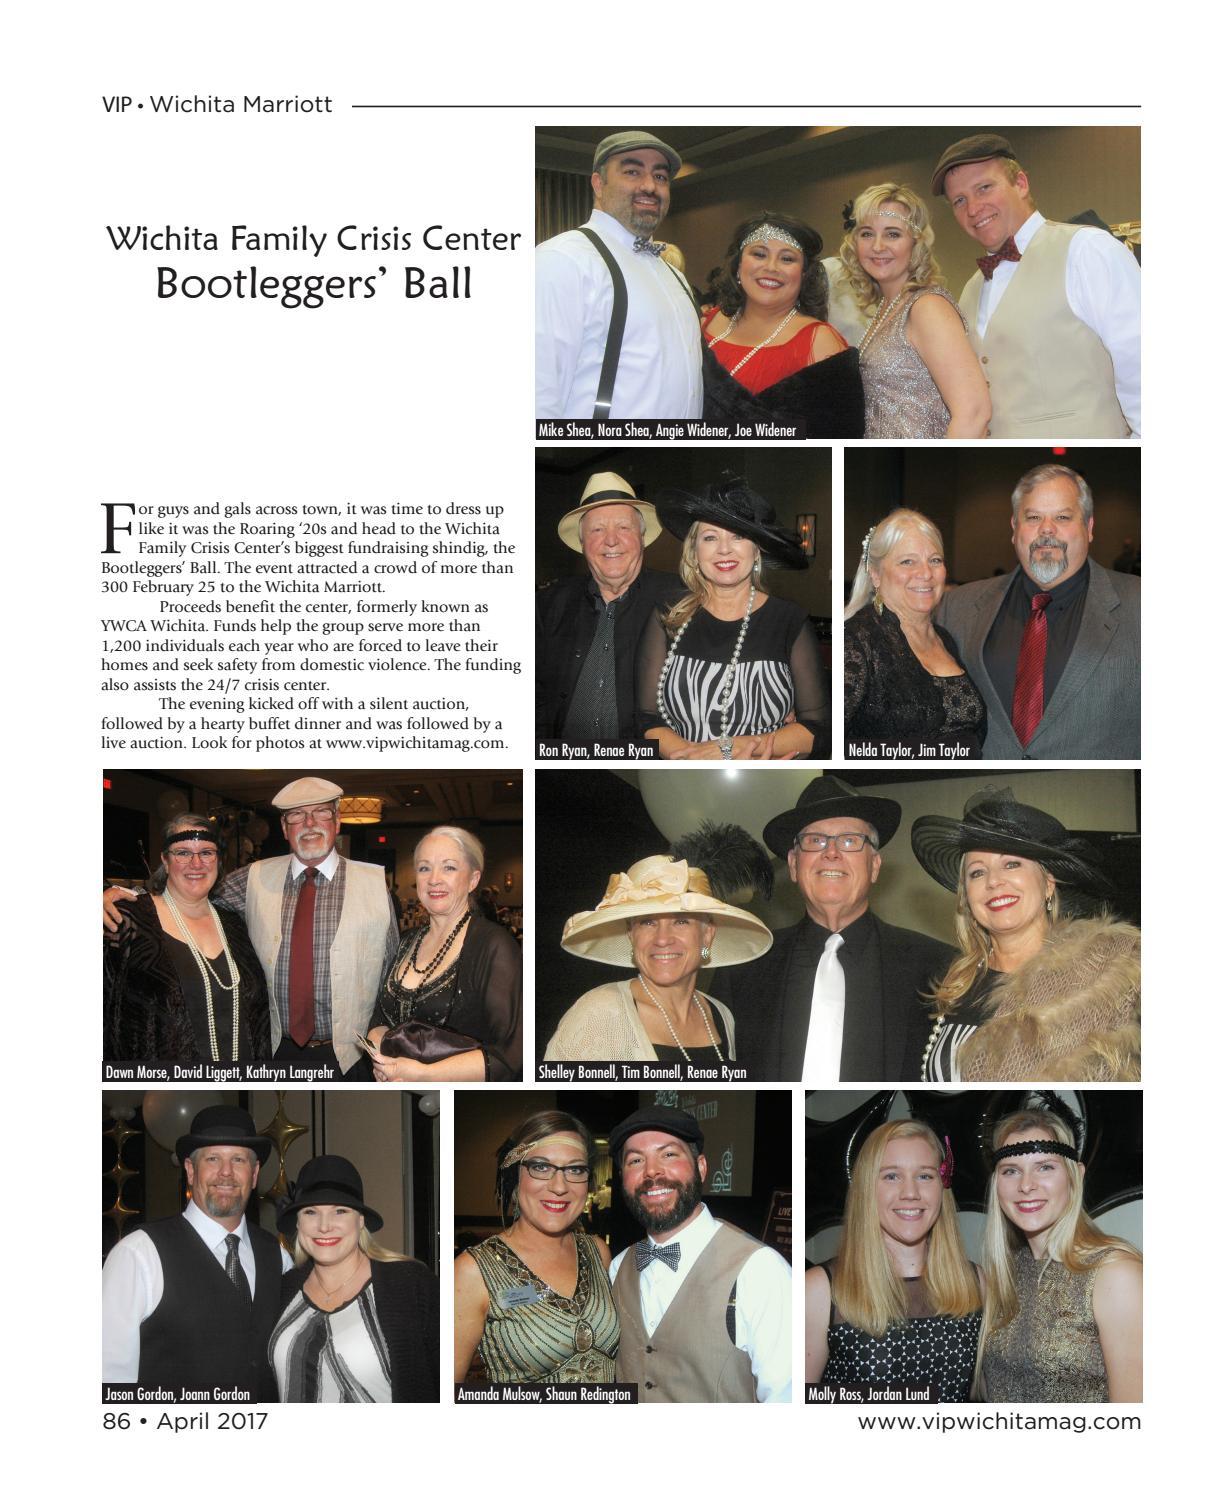 Amanda Redington vip wichita magazine - april 2017vip wichita magazine